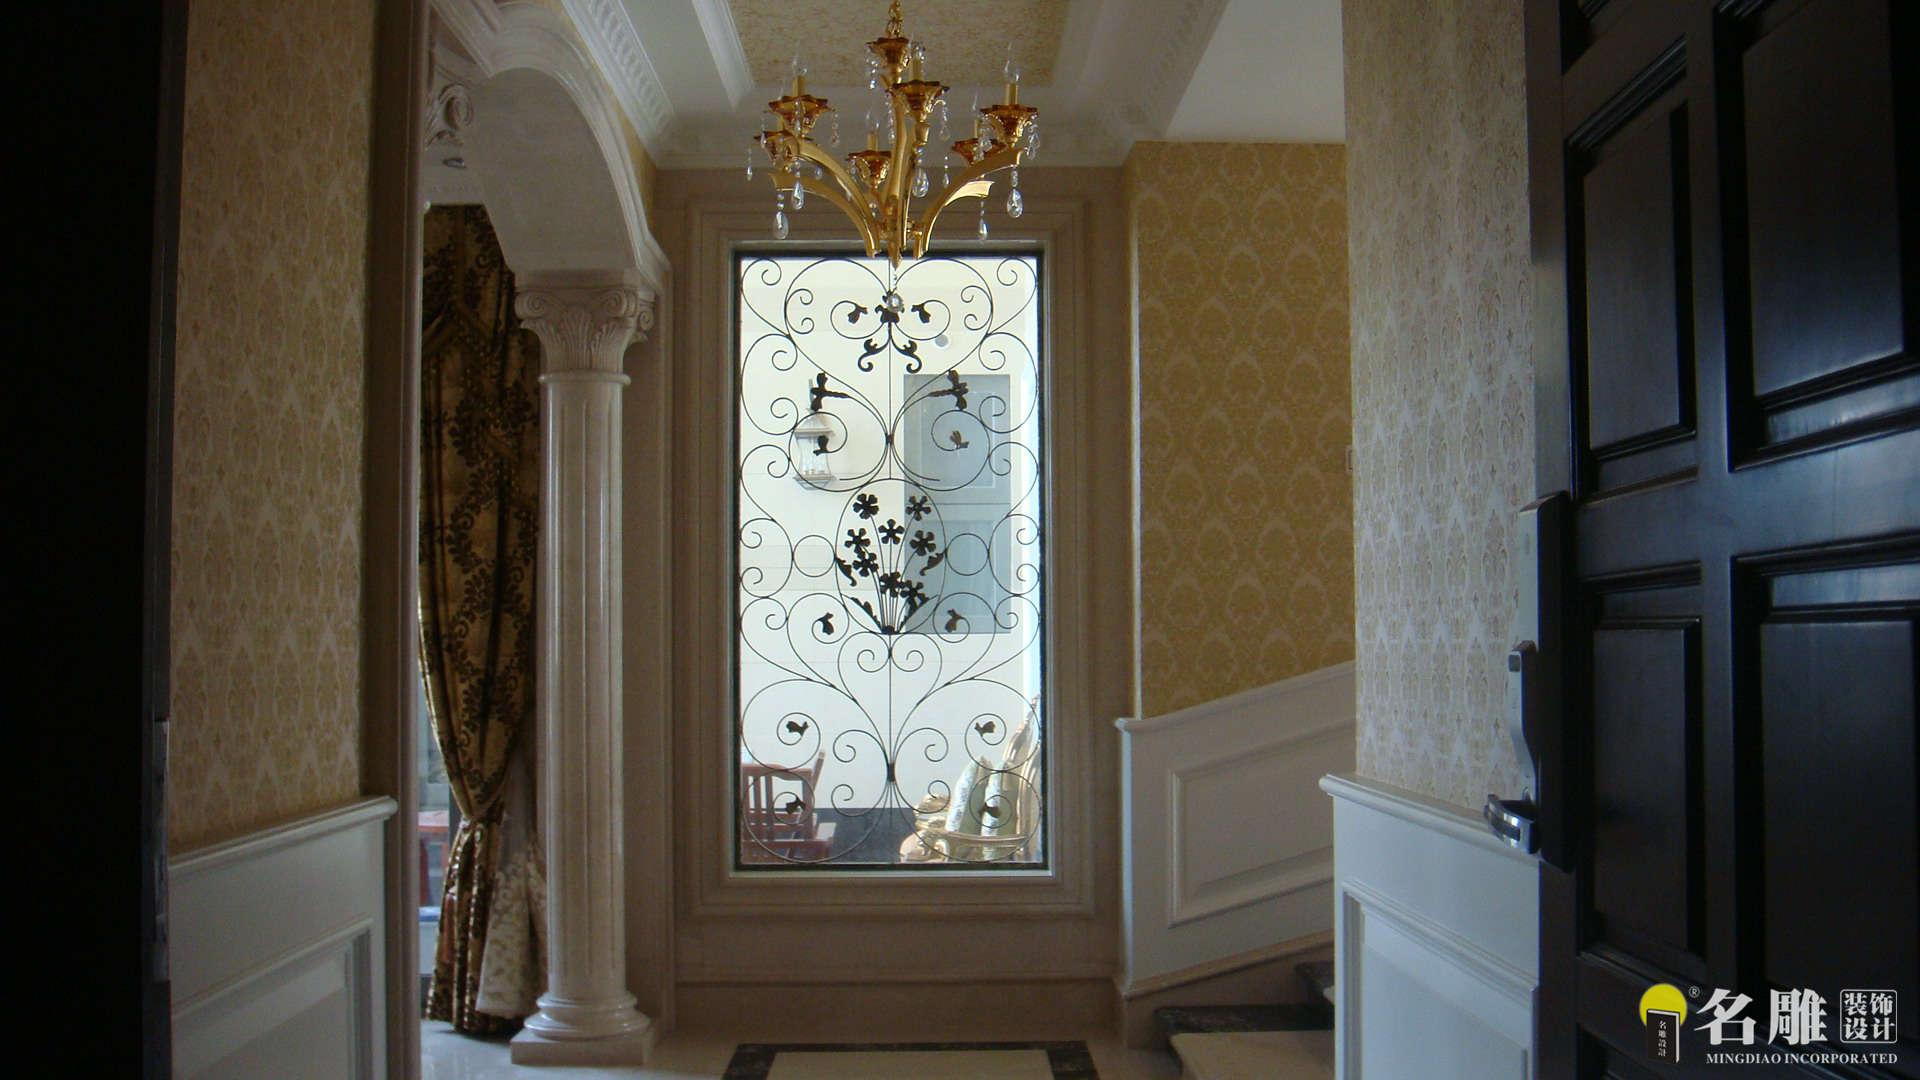 欧式 四居室 香蜜湖一号 高富帅 暖色调装饰 名雕装饰 玄关图片来自名雕装饰设计在香蜜湖一号华皓阁欧式奢华空间的分享